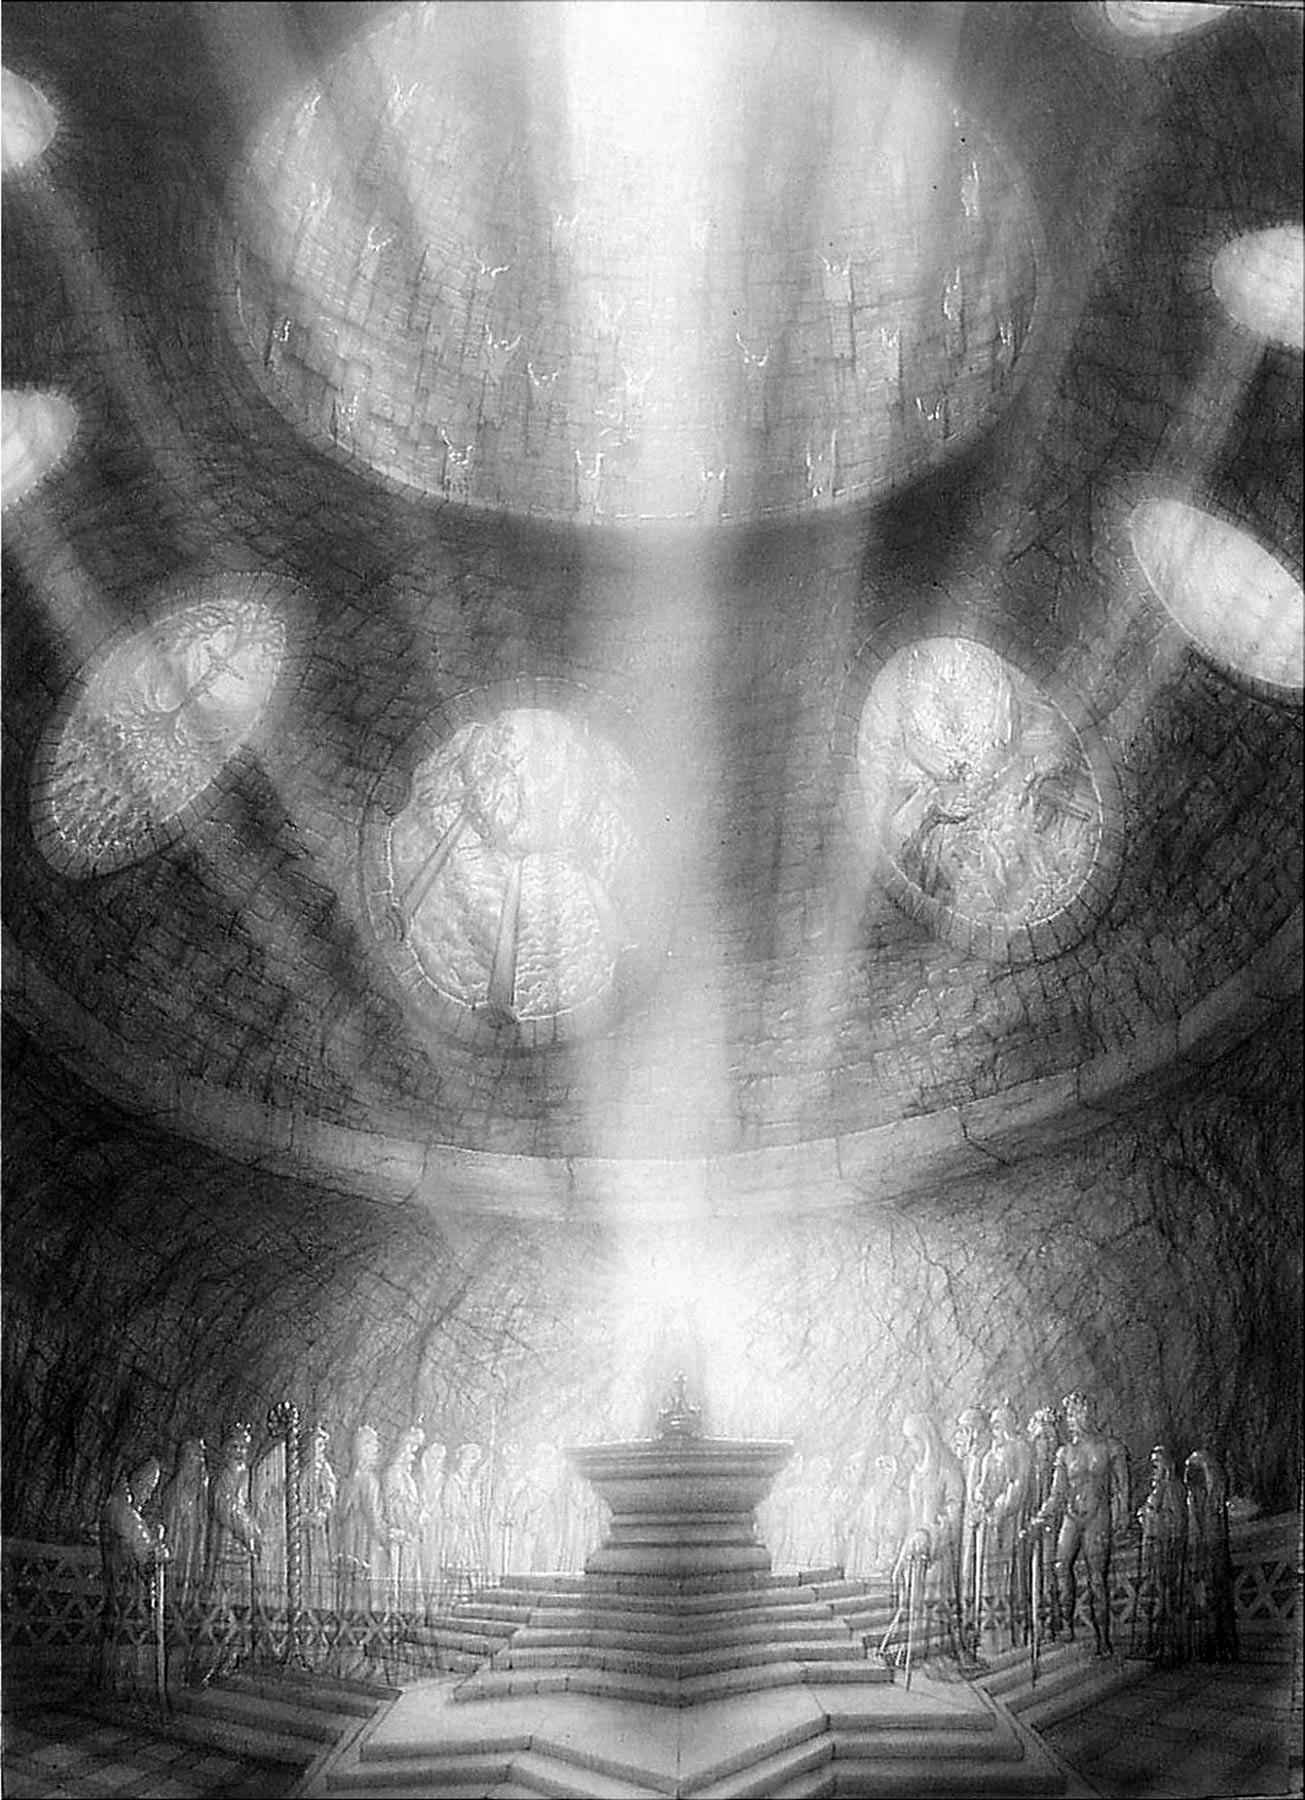 der geheimnisvolle gralsraum im untersberg